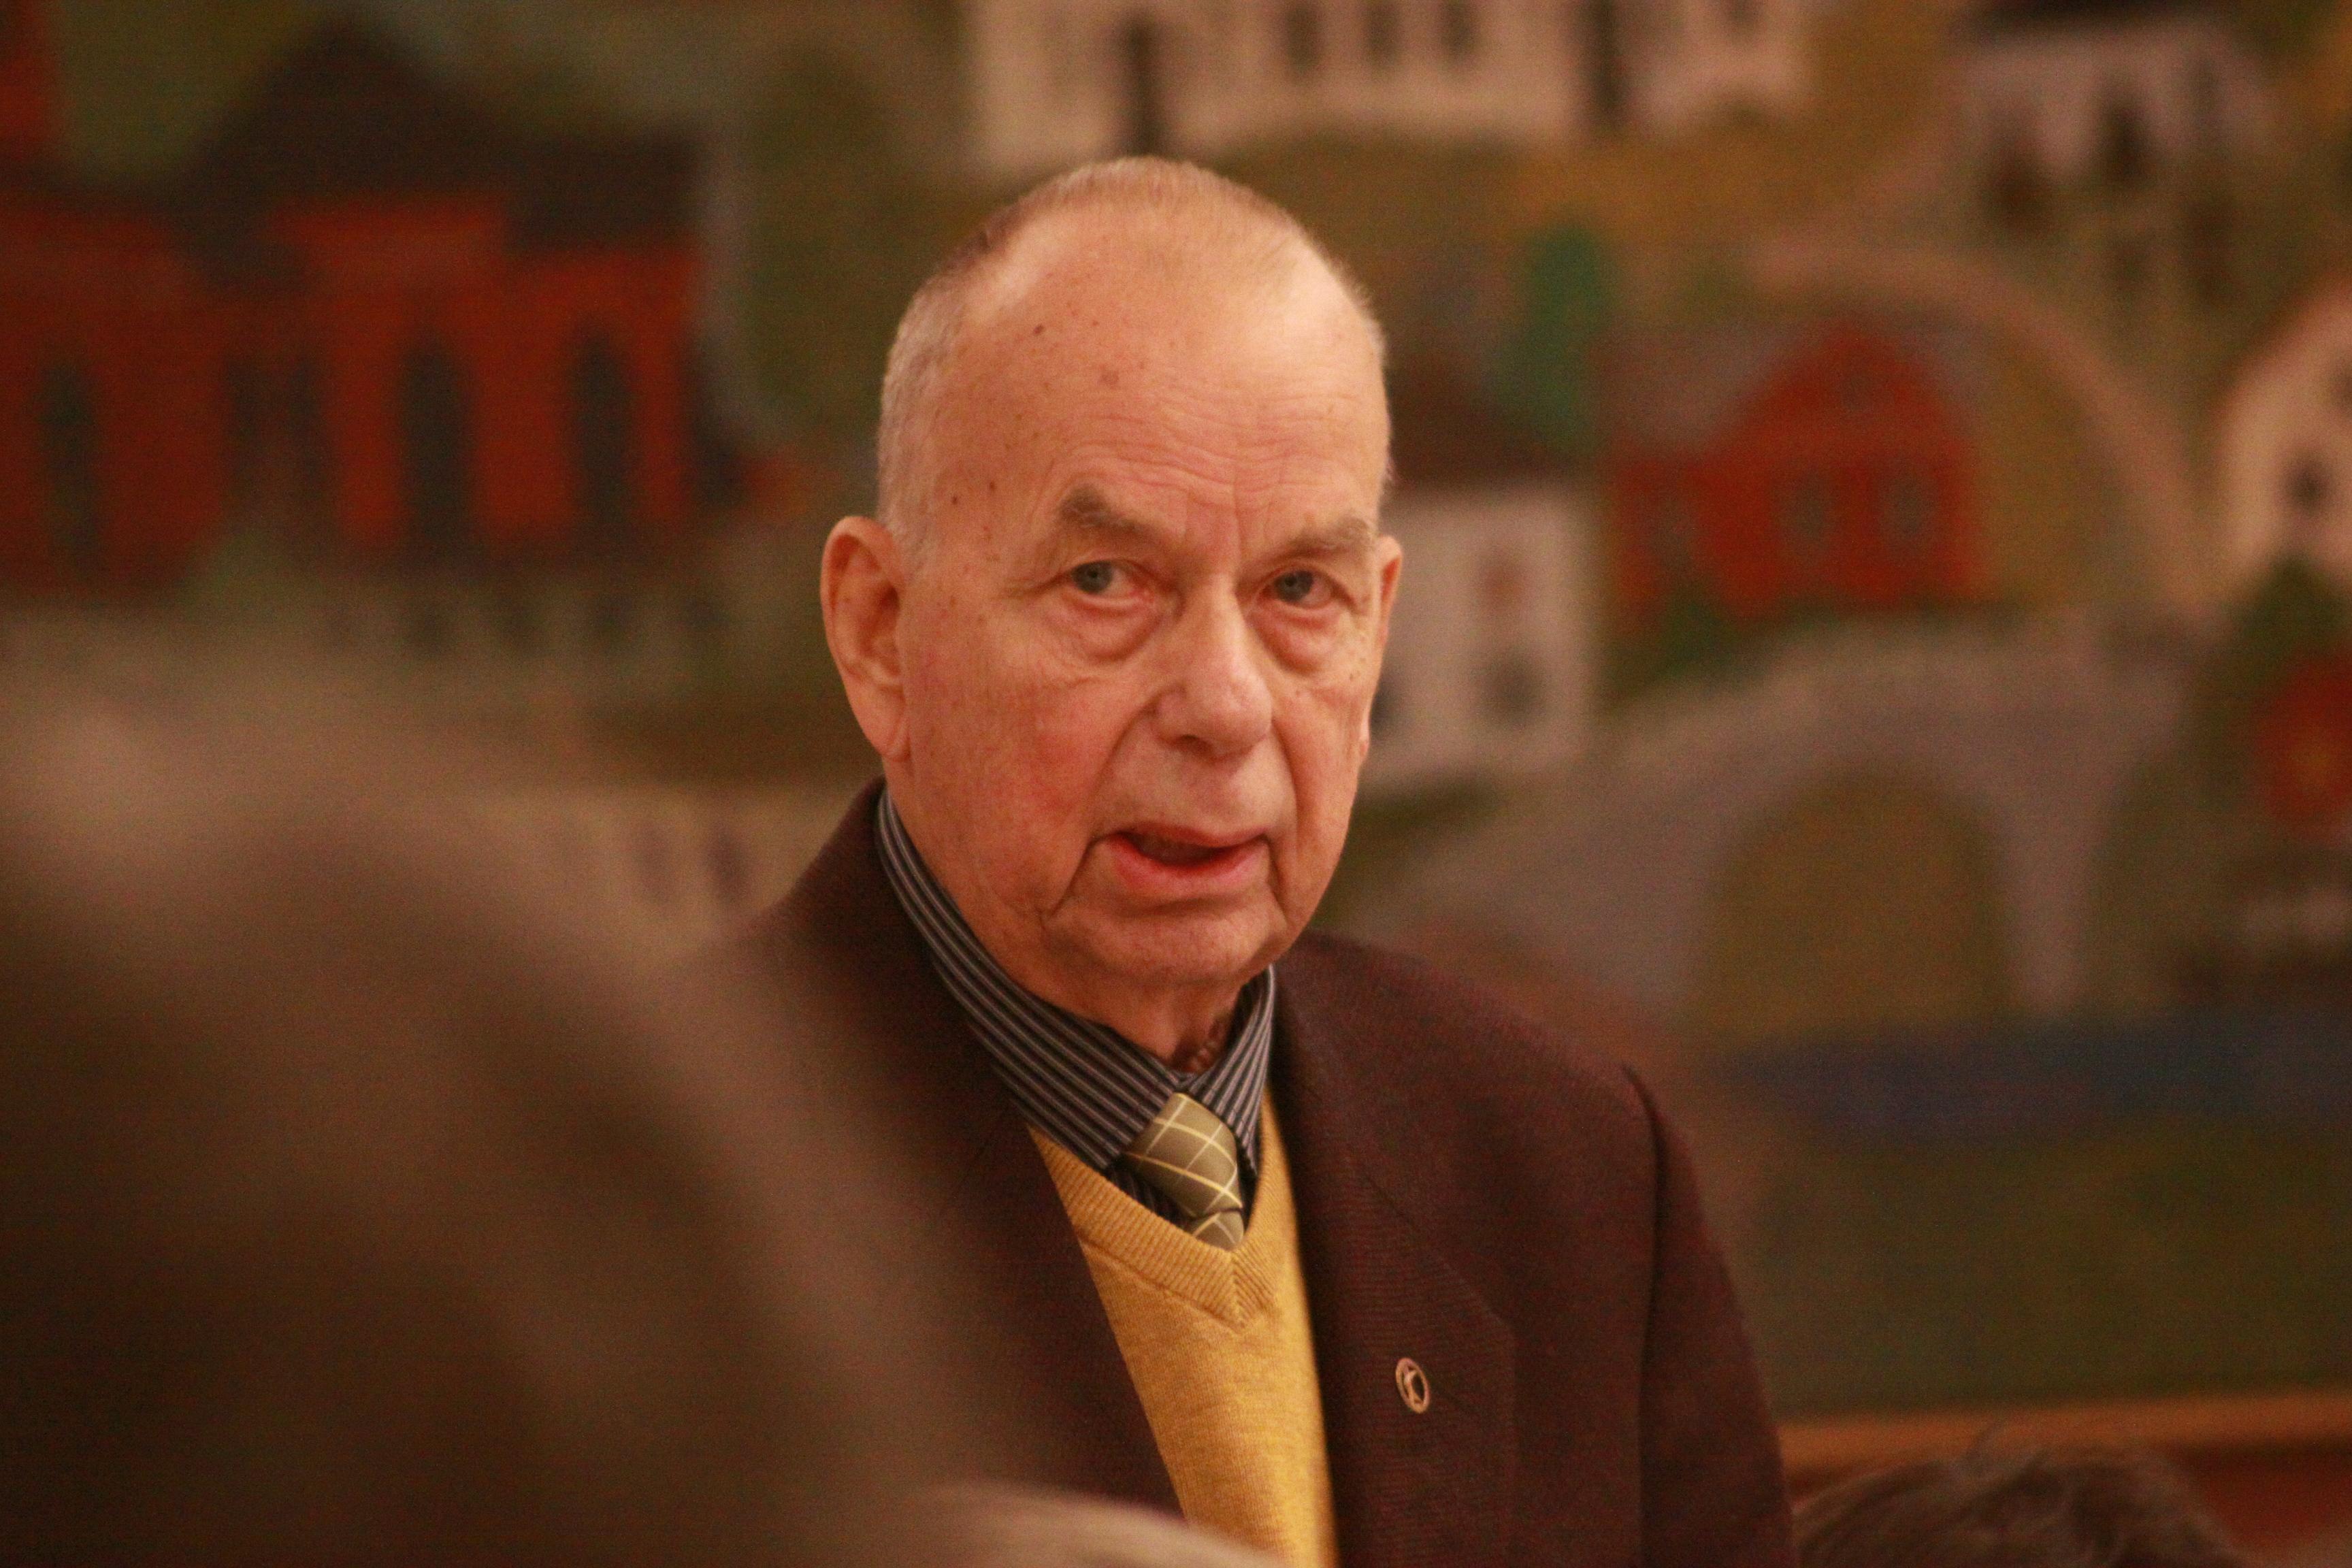 Jukka Lindfors